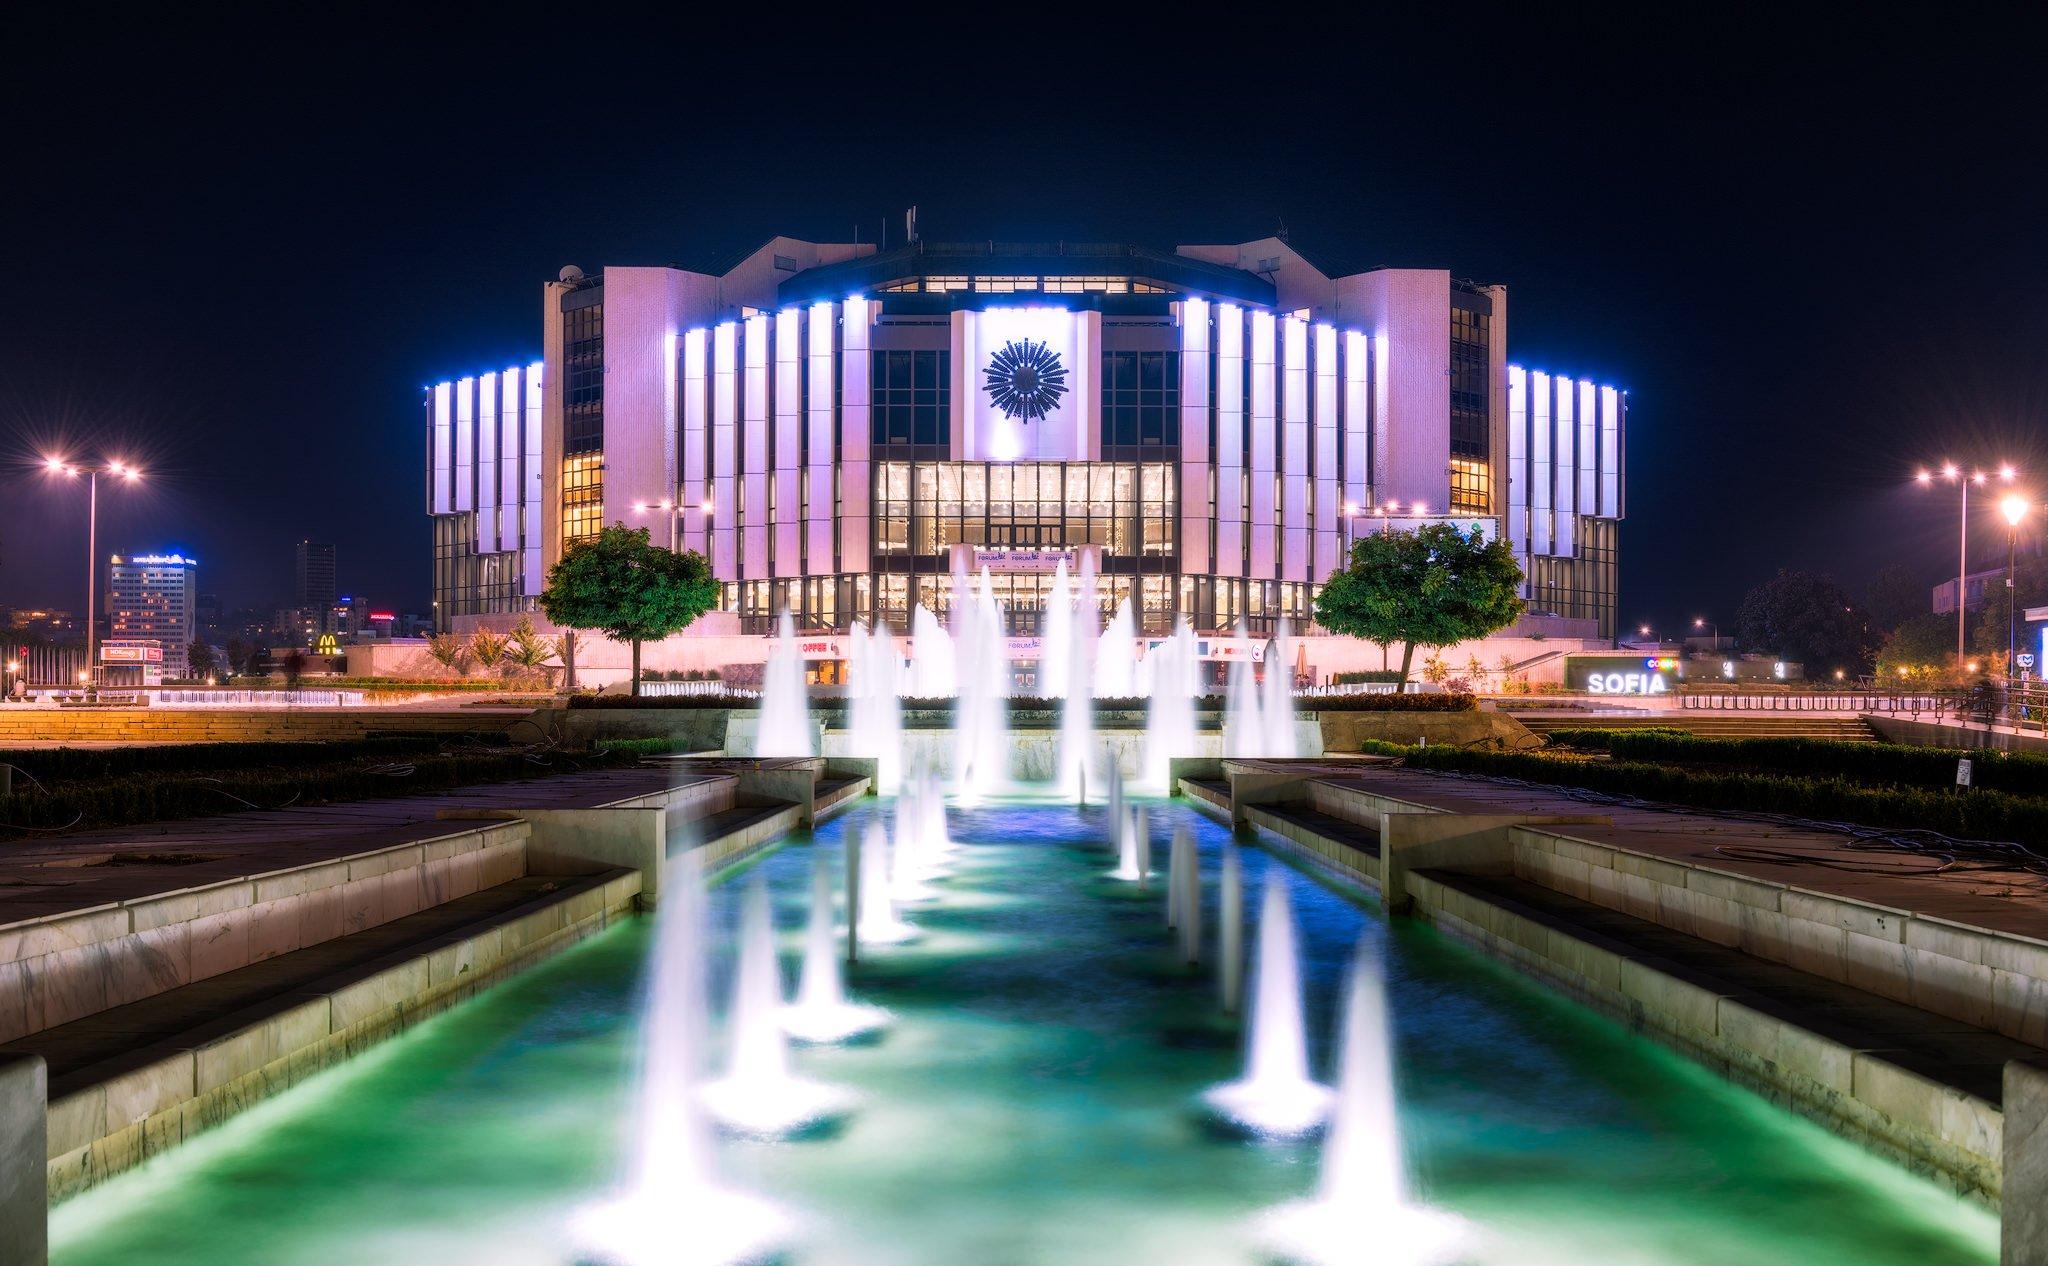 Narodowy Pałac Kultury | Sofia, Bułgaria